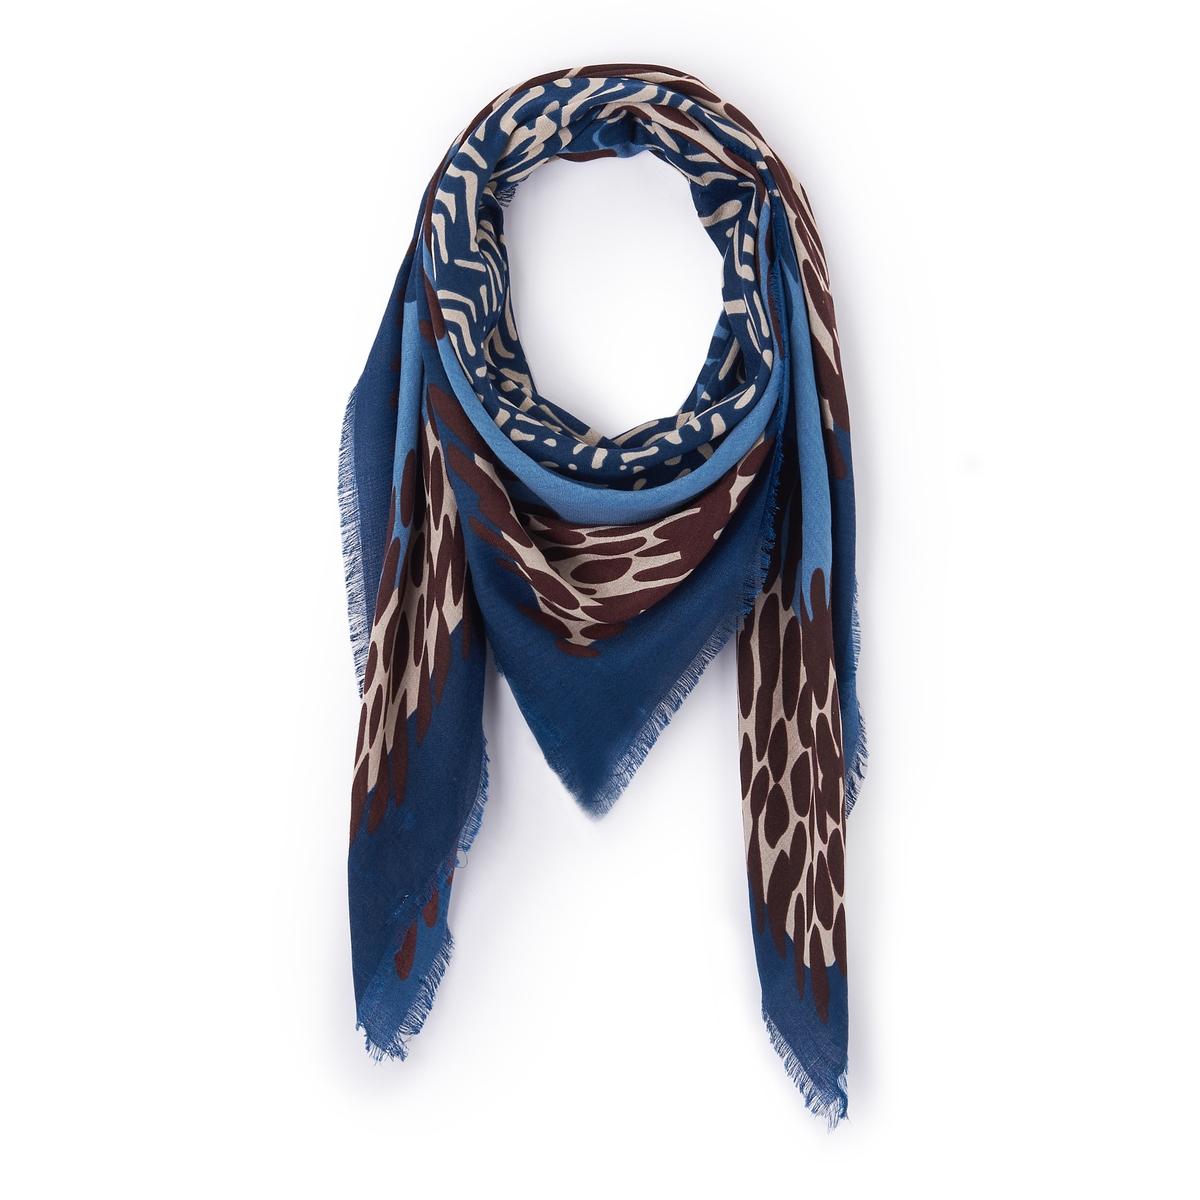 Платок с леопардовым рисункомОписание:Платок с красивым принтом, который должен быть в вашем гардеробе ! Состав и описание :Материал : полиэстерРазмер : 132X140см<br><br>Цвет: синий<br>Размер: единый размер